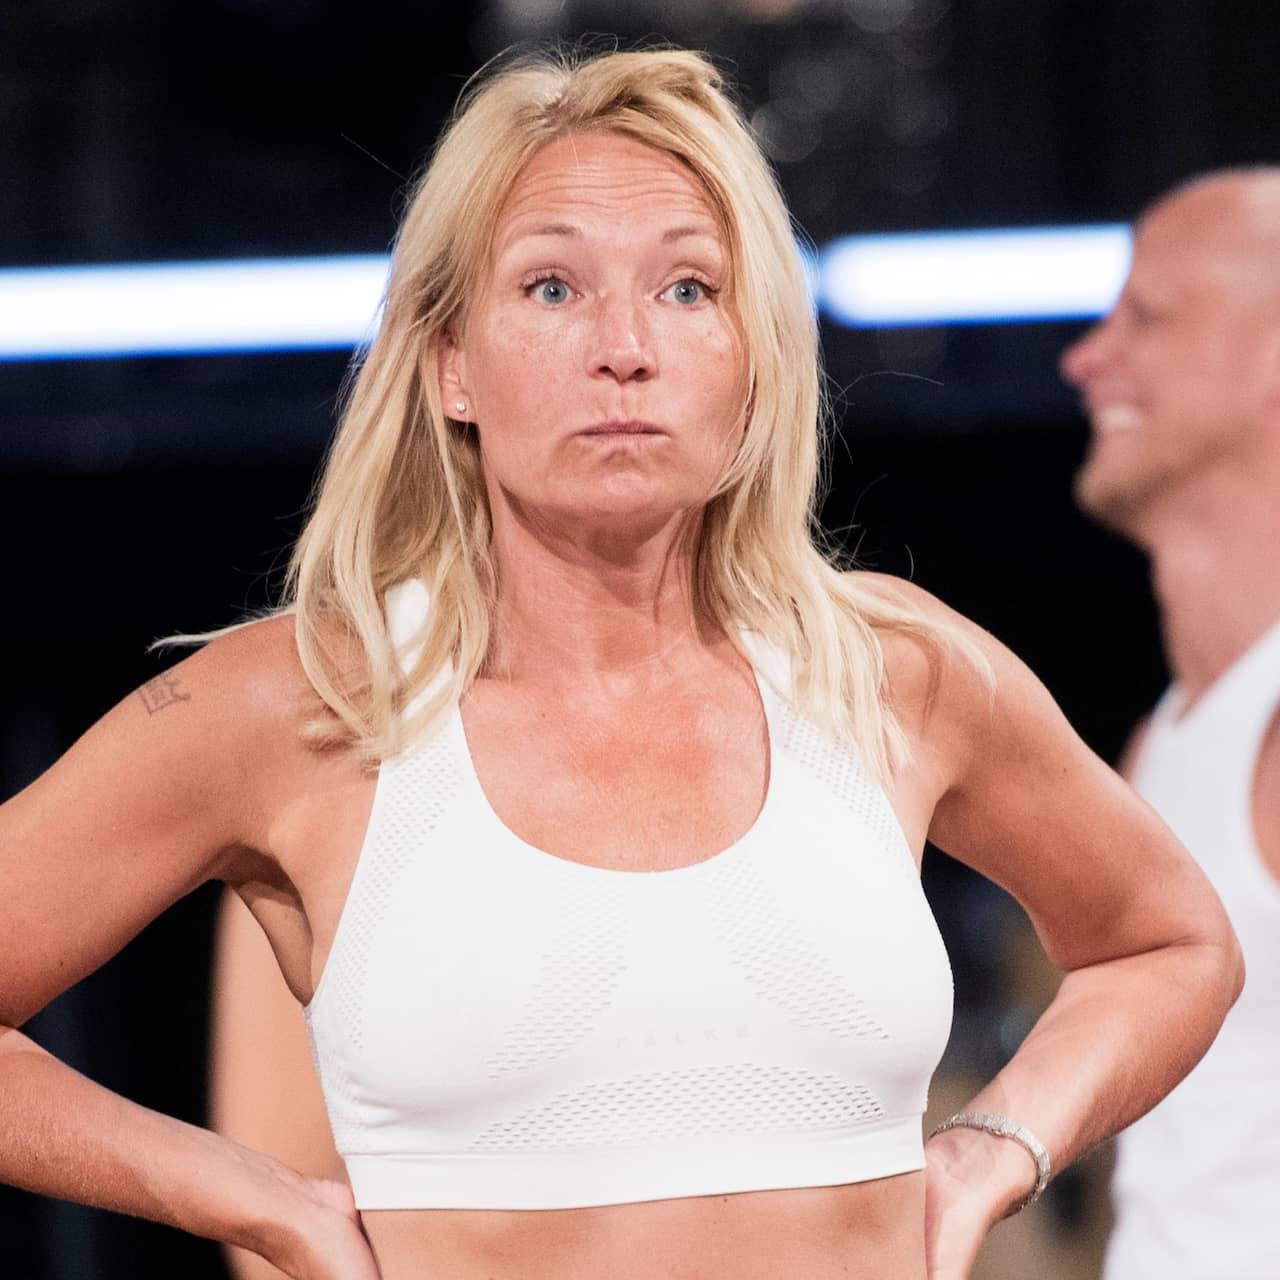 Martina Haag: Reklamskådisarna I Svensk Tv – Så Gick Det Sen